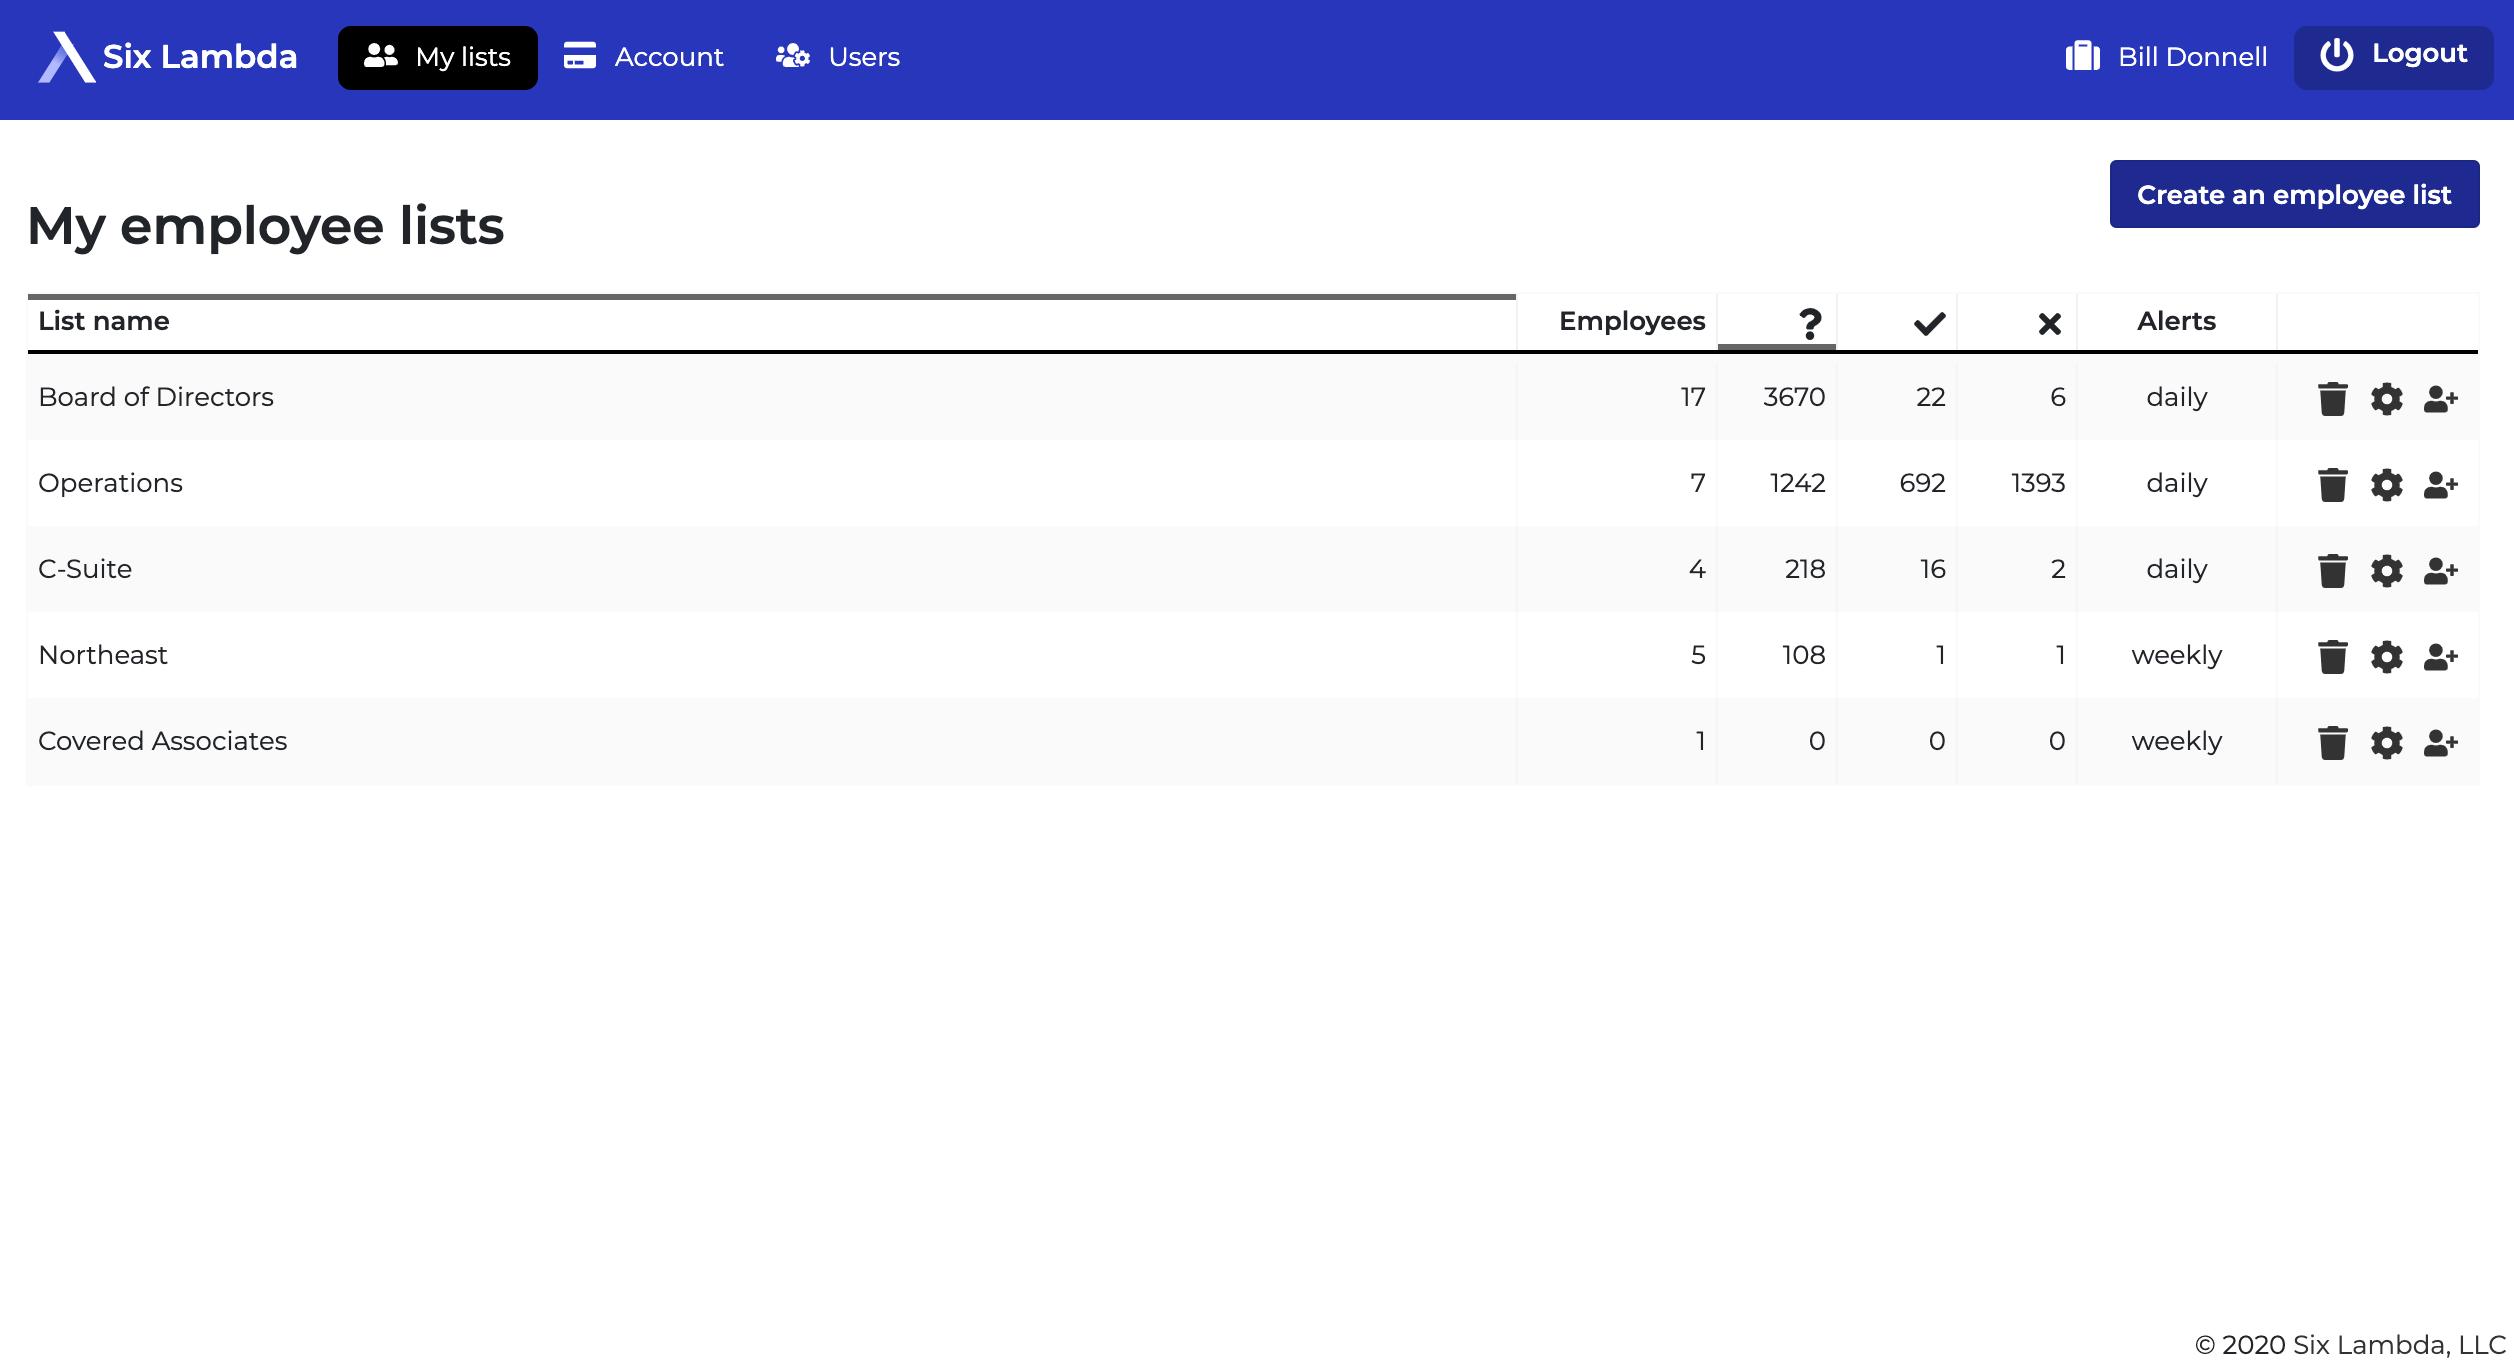 Six Lambda Software - Six Lambda employee list screenshot